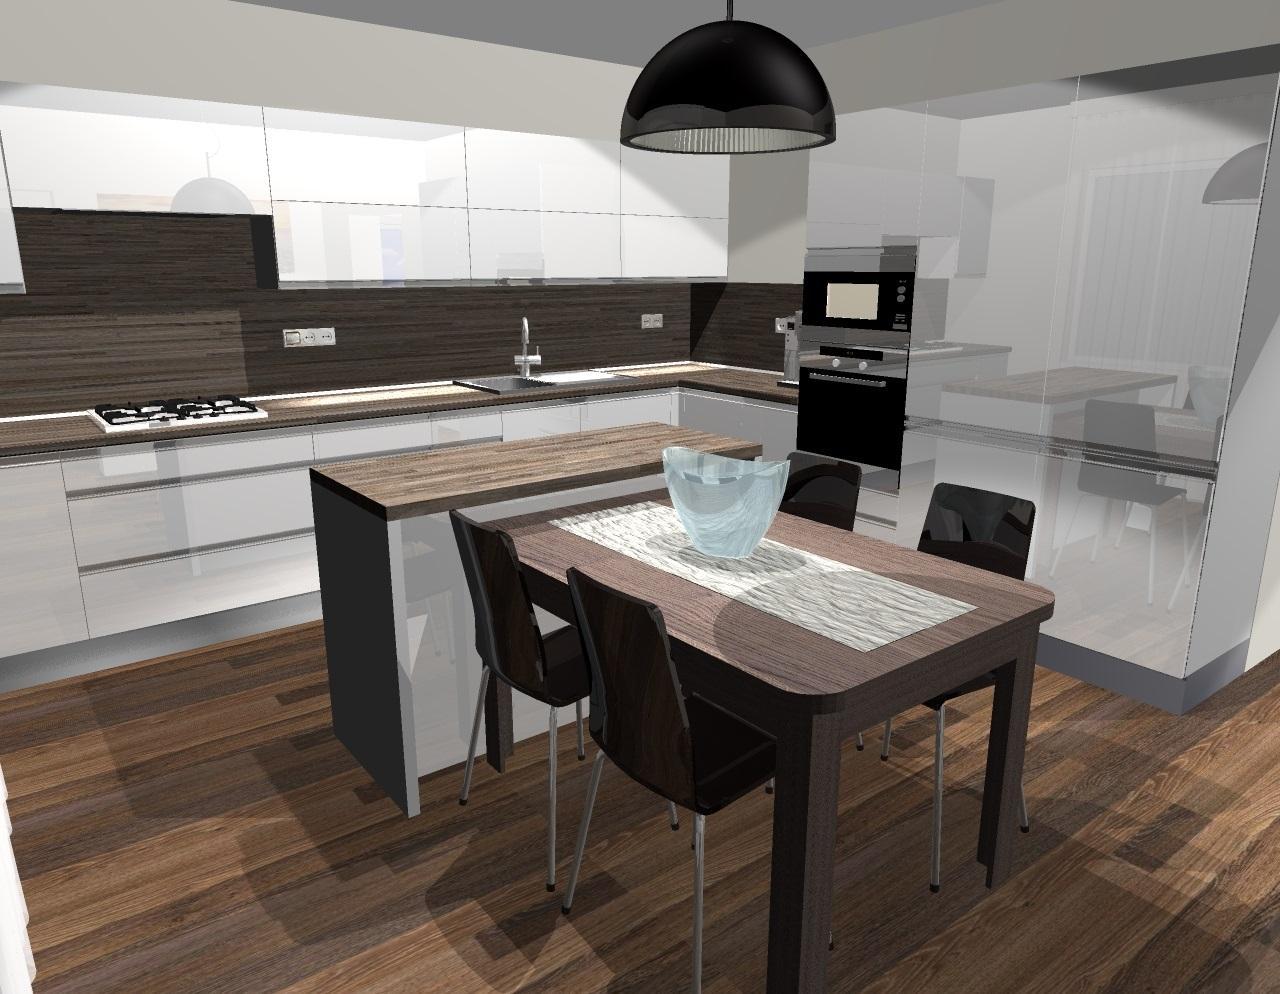 Grafické návrhy kuchynských liniek 2014 - Grafický návrh kuchyne do rodinného domu - verzia 1 - obr.1